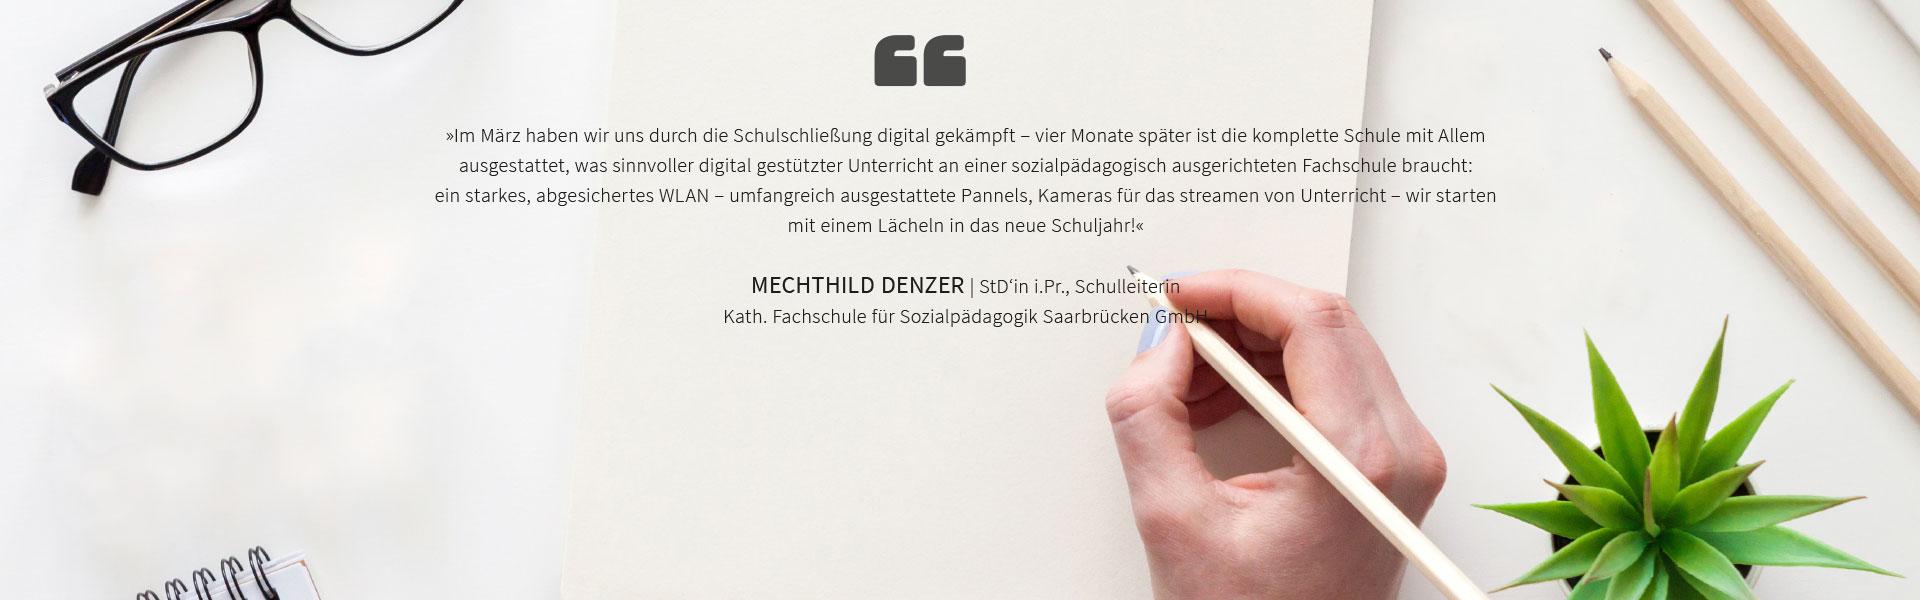 Solid Concept Medientechnik fuer Unternehmen SENNHEISER Deckenmikrofone Titel